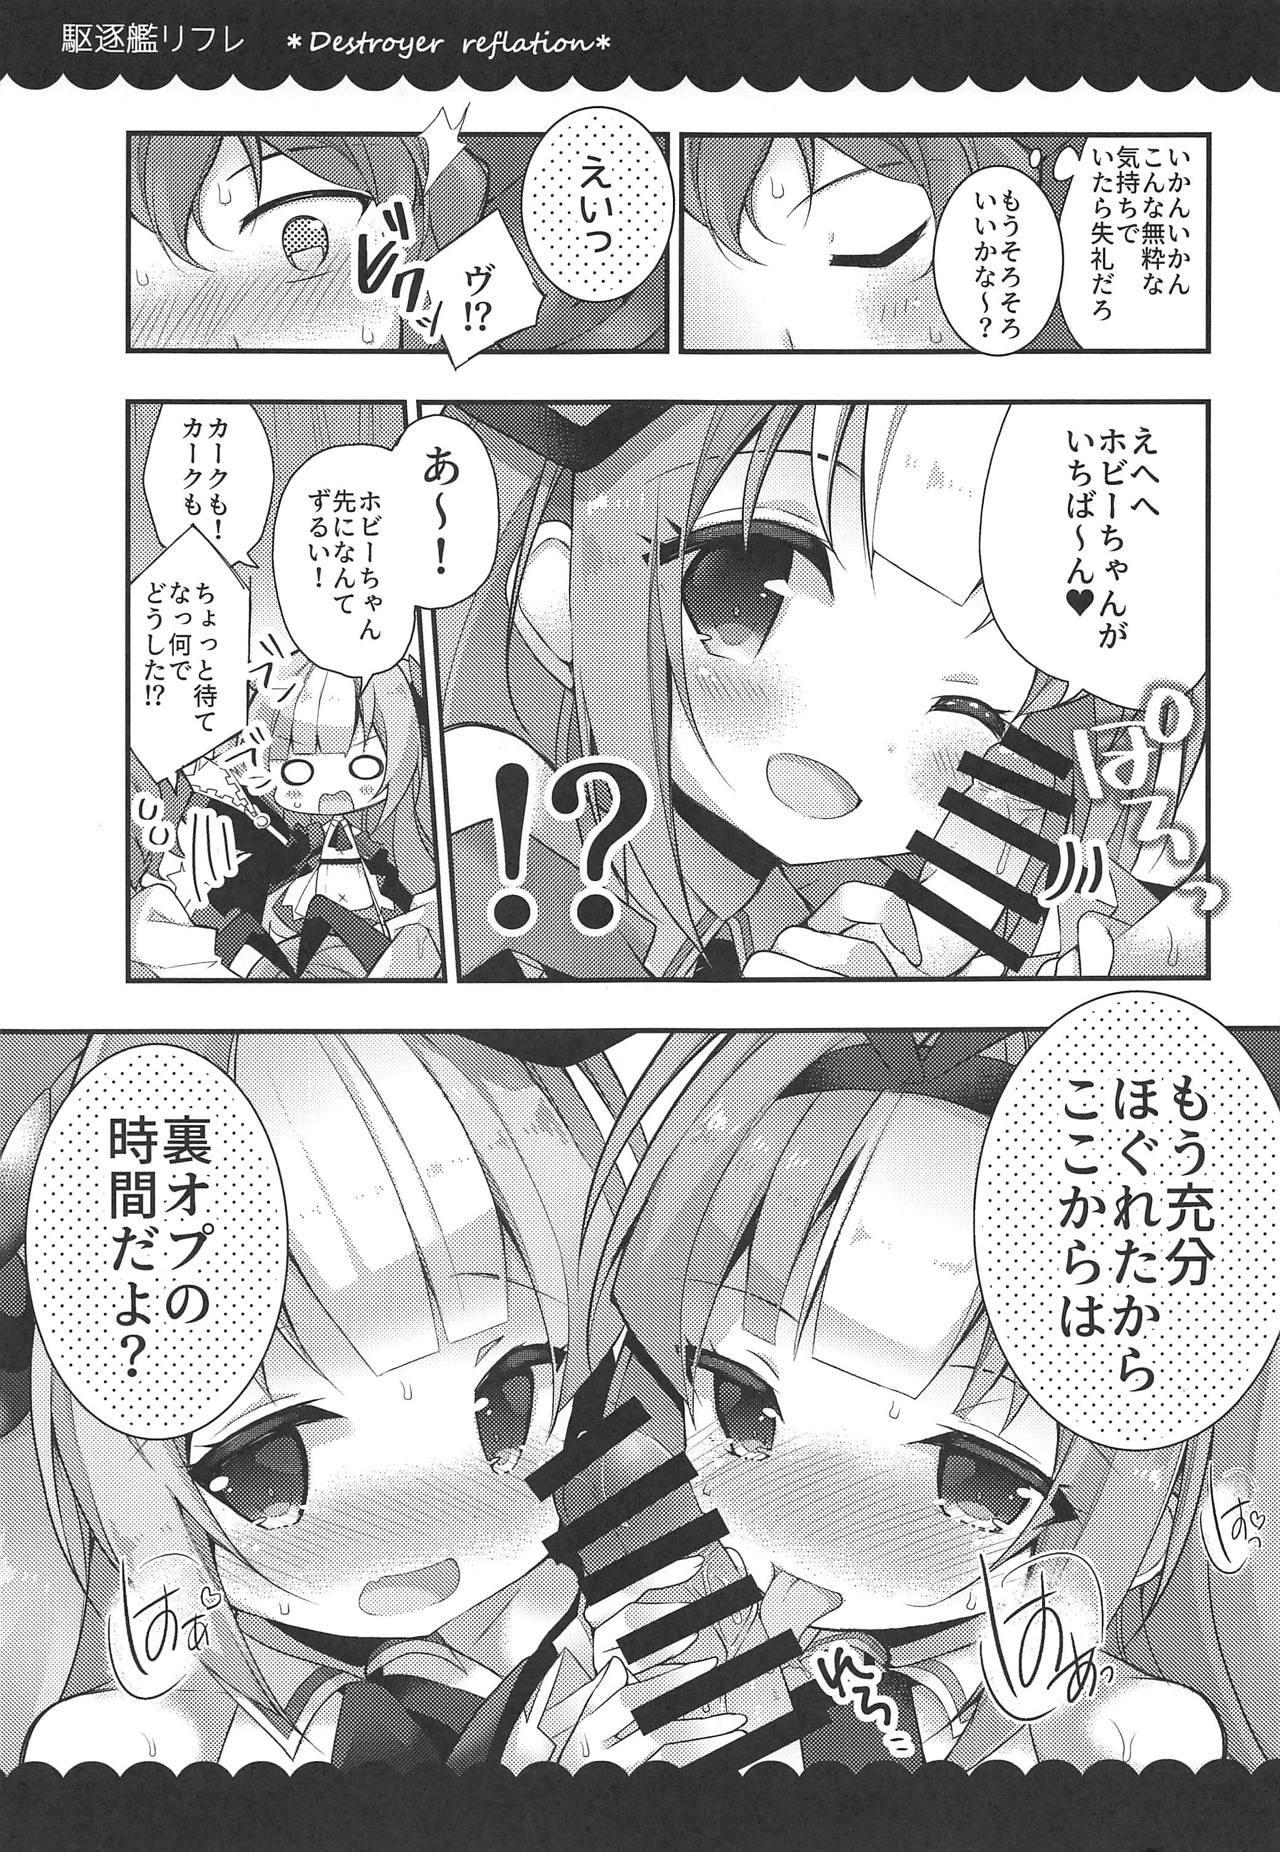 Kalk to Hobby no Kuchikukan Refla 7